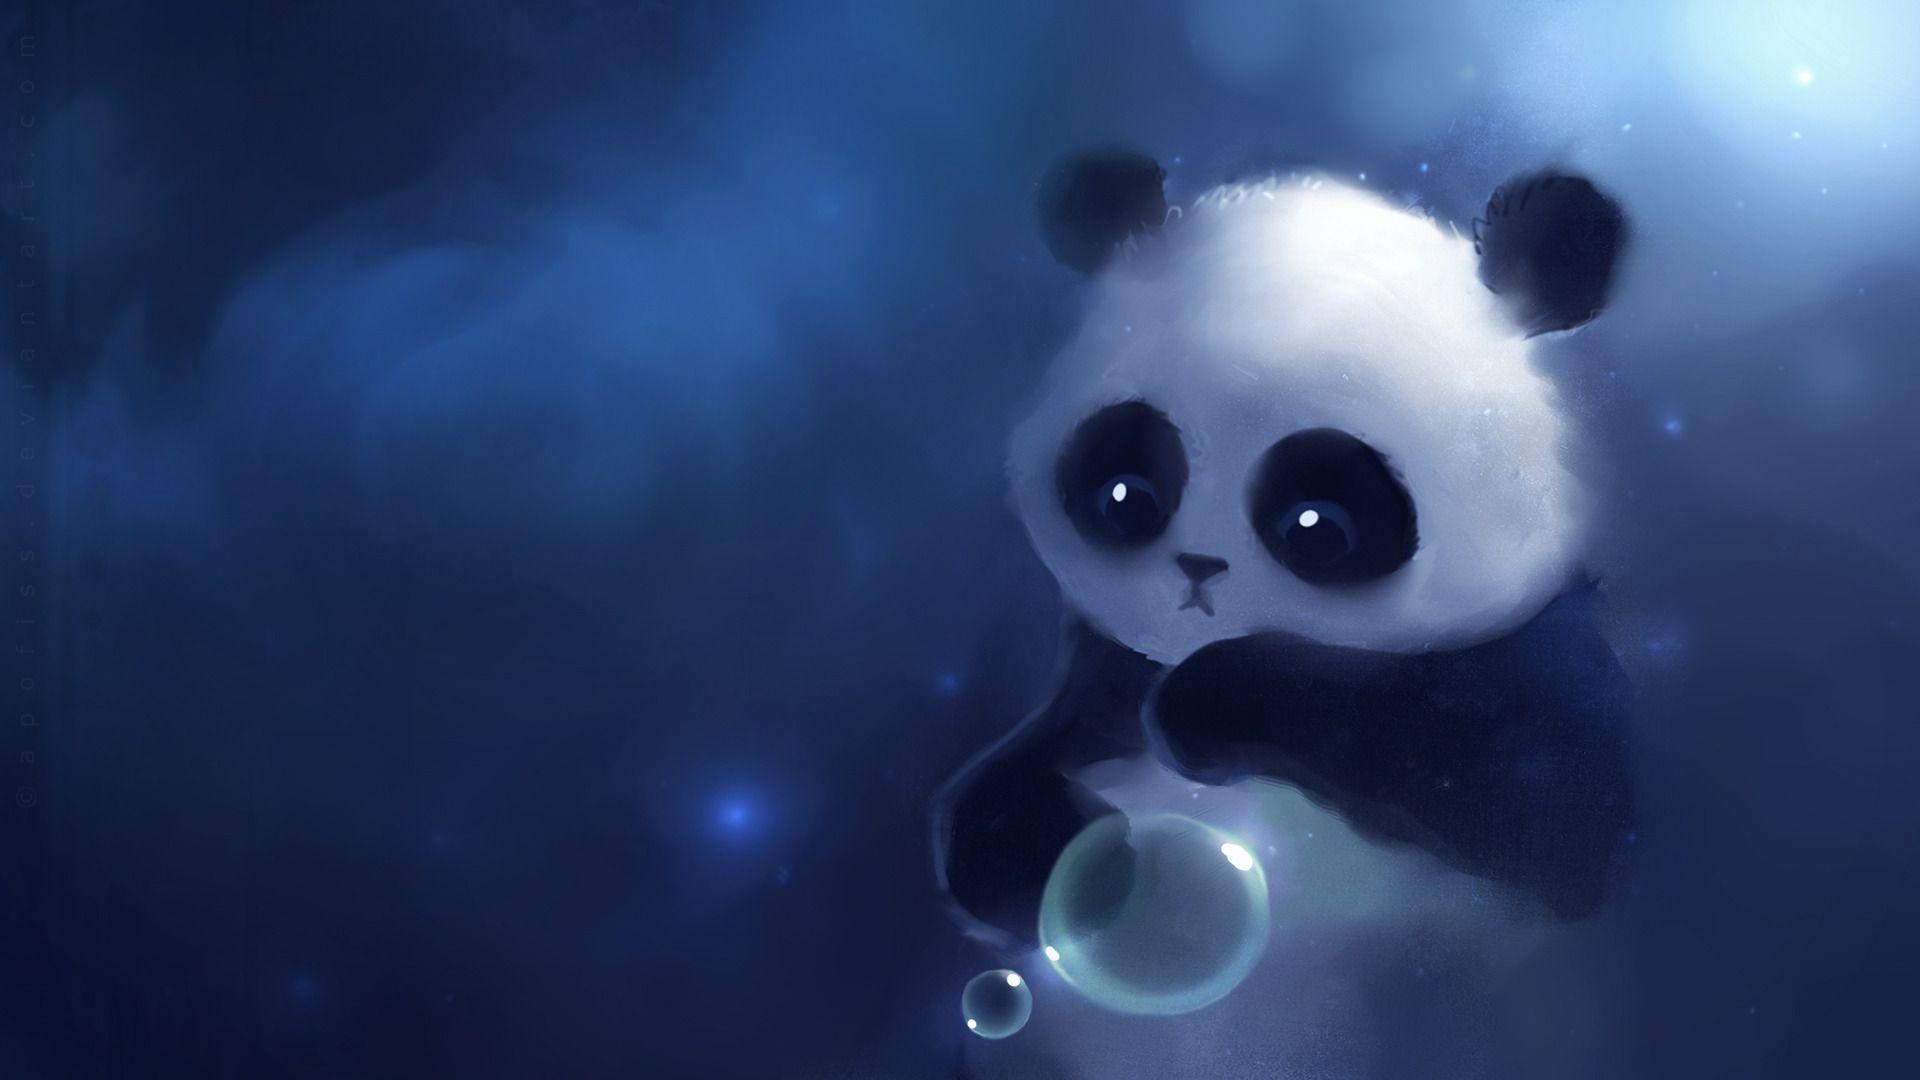 Wallpapers For > Cute Panda Wallpapers For Desktop